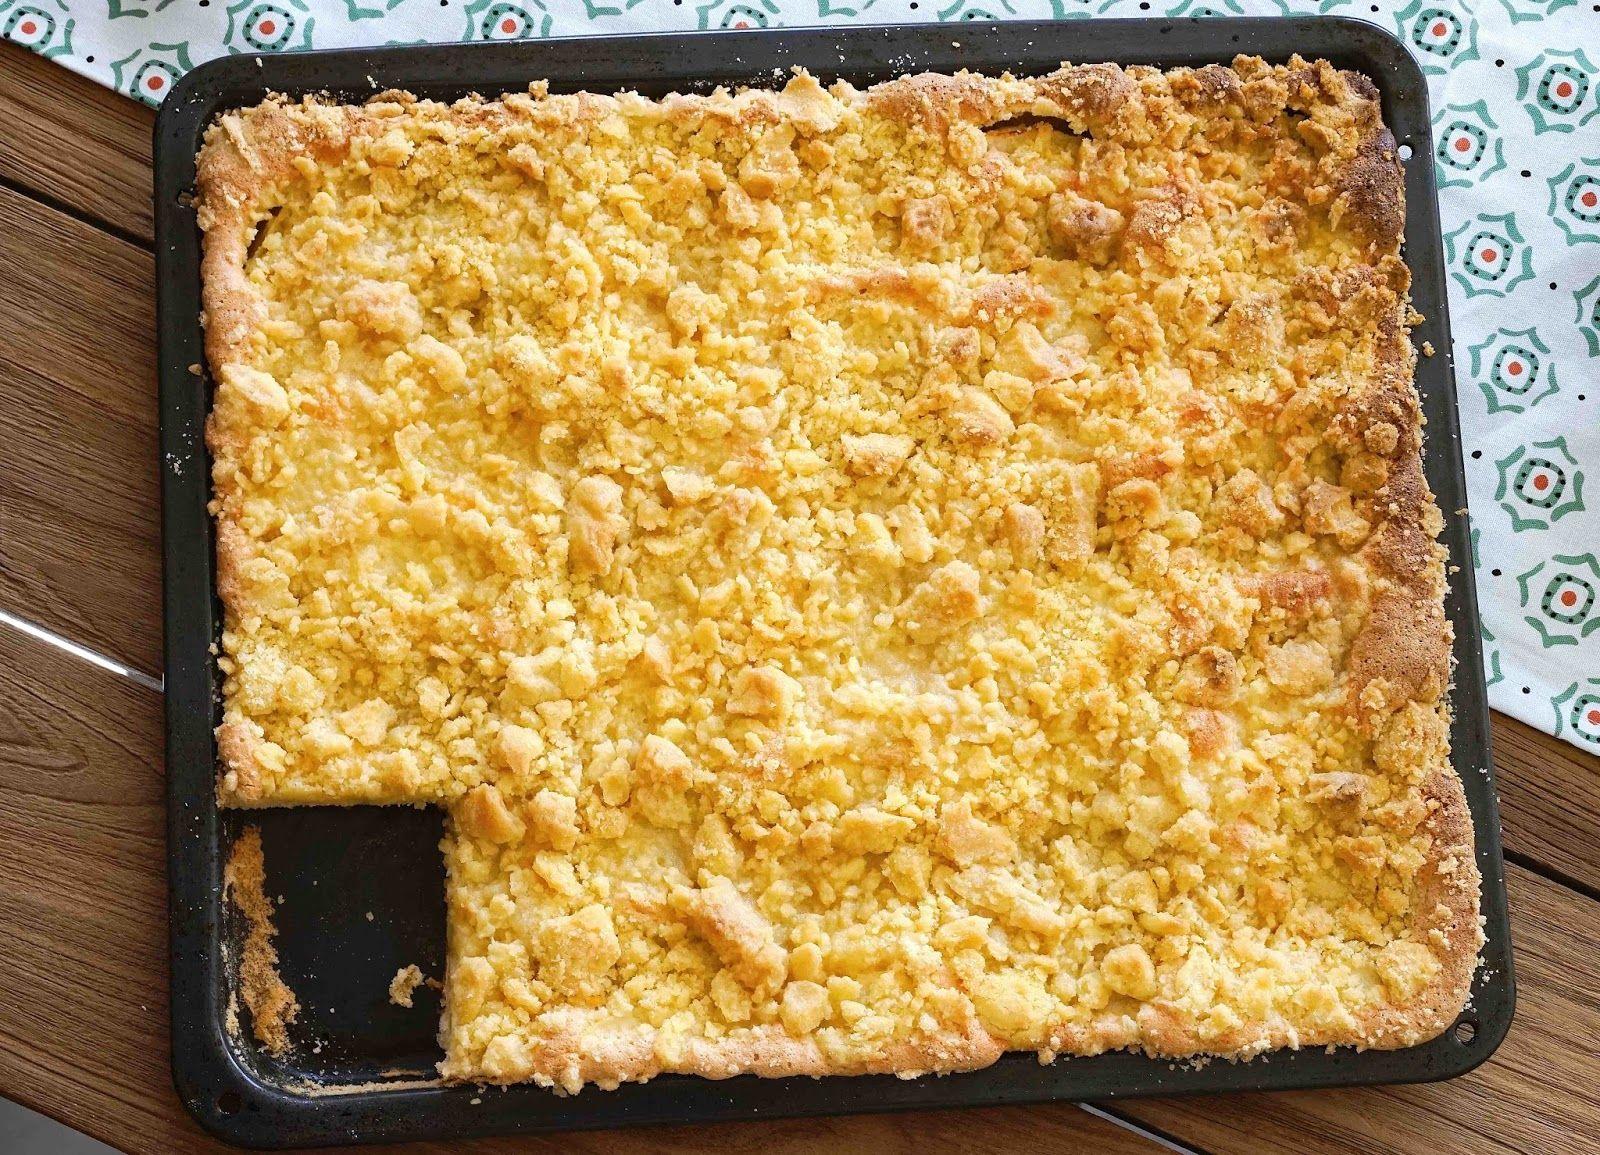 stuttgartcooking: Apfel-Streusel-Kuchen, Kochbuch-Vorstellung und großartige Menschen!